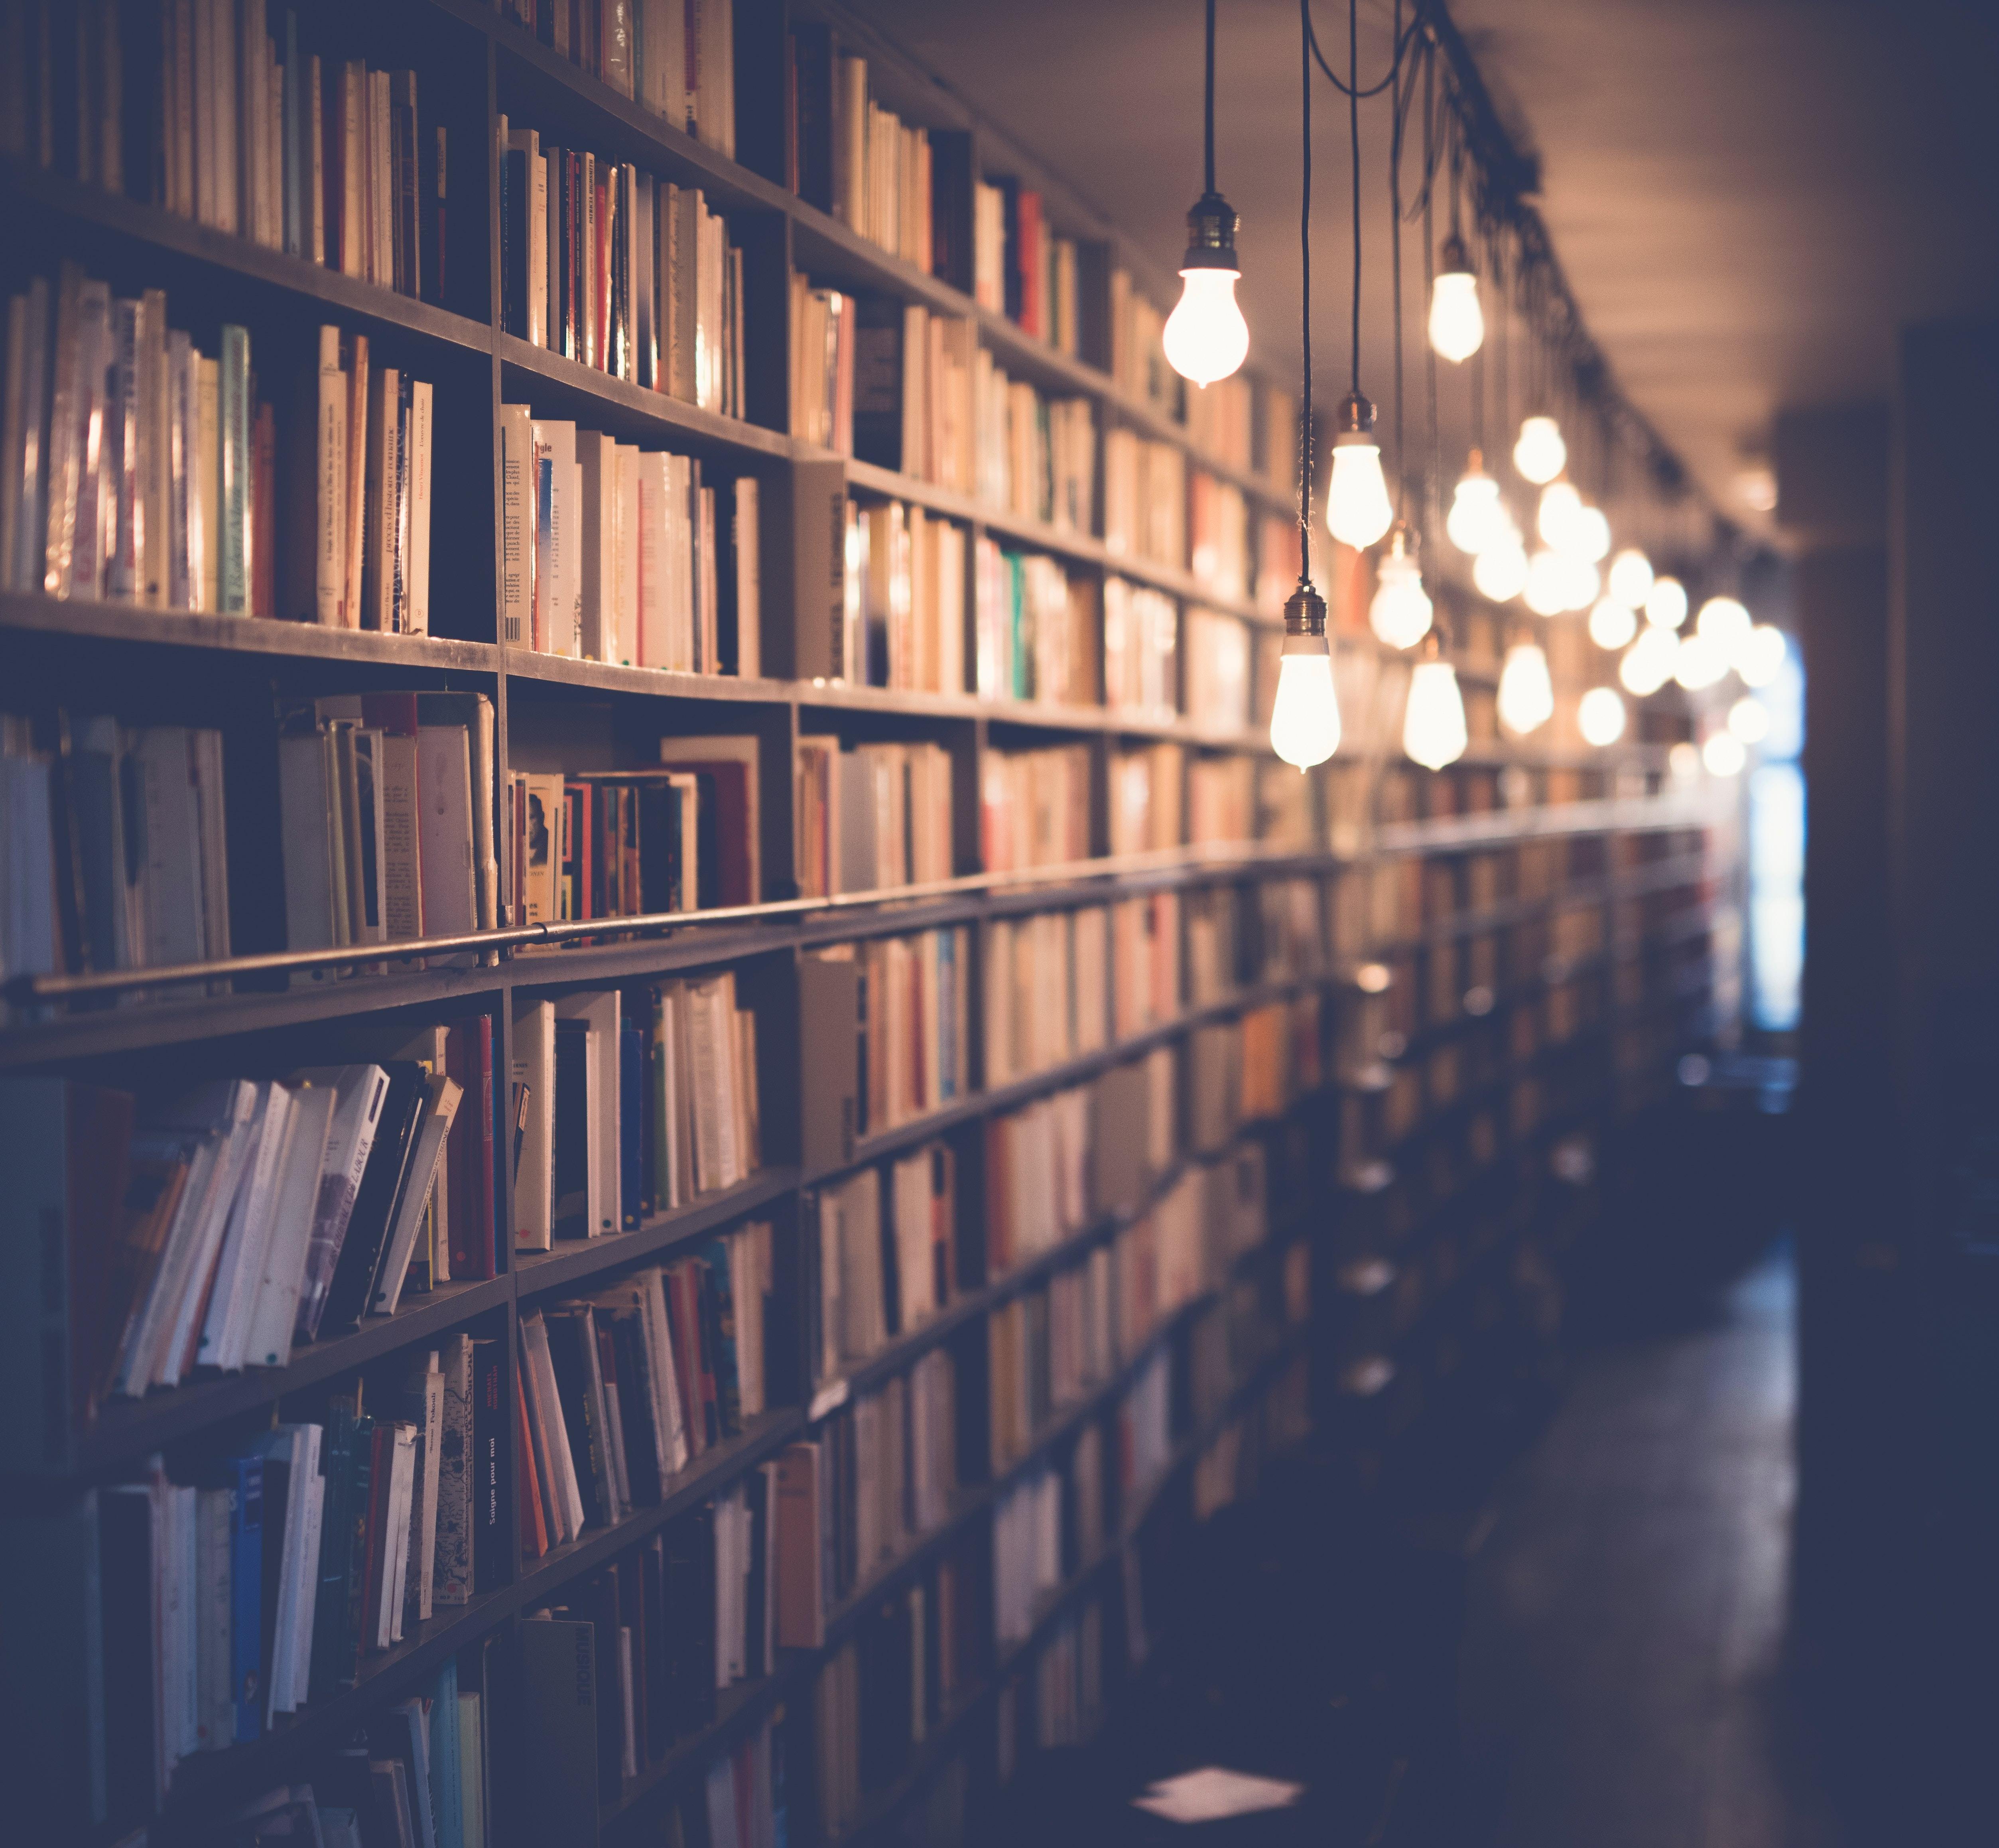 Ką skaityti chaoso apsiaustyje?